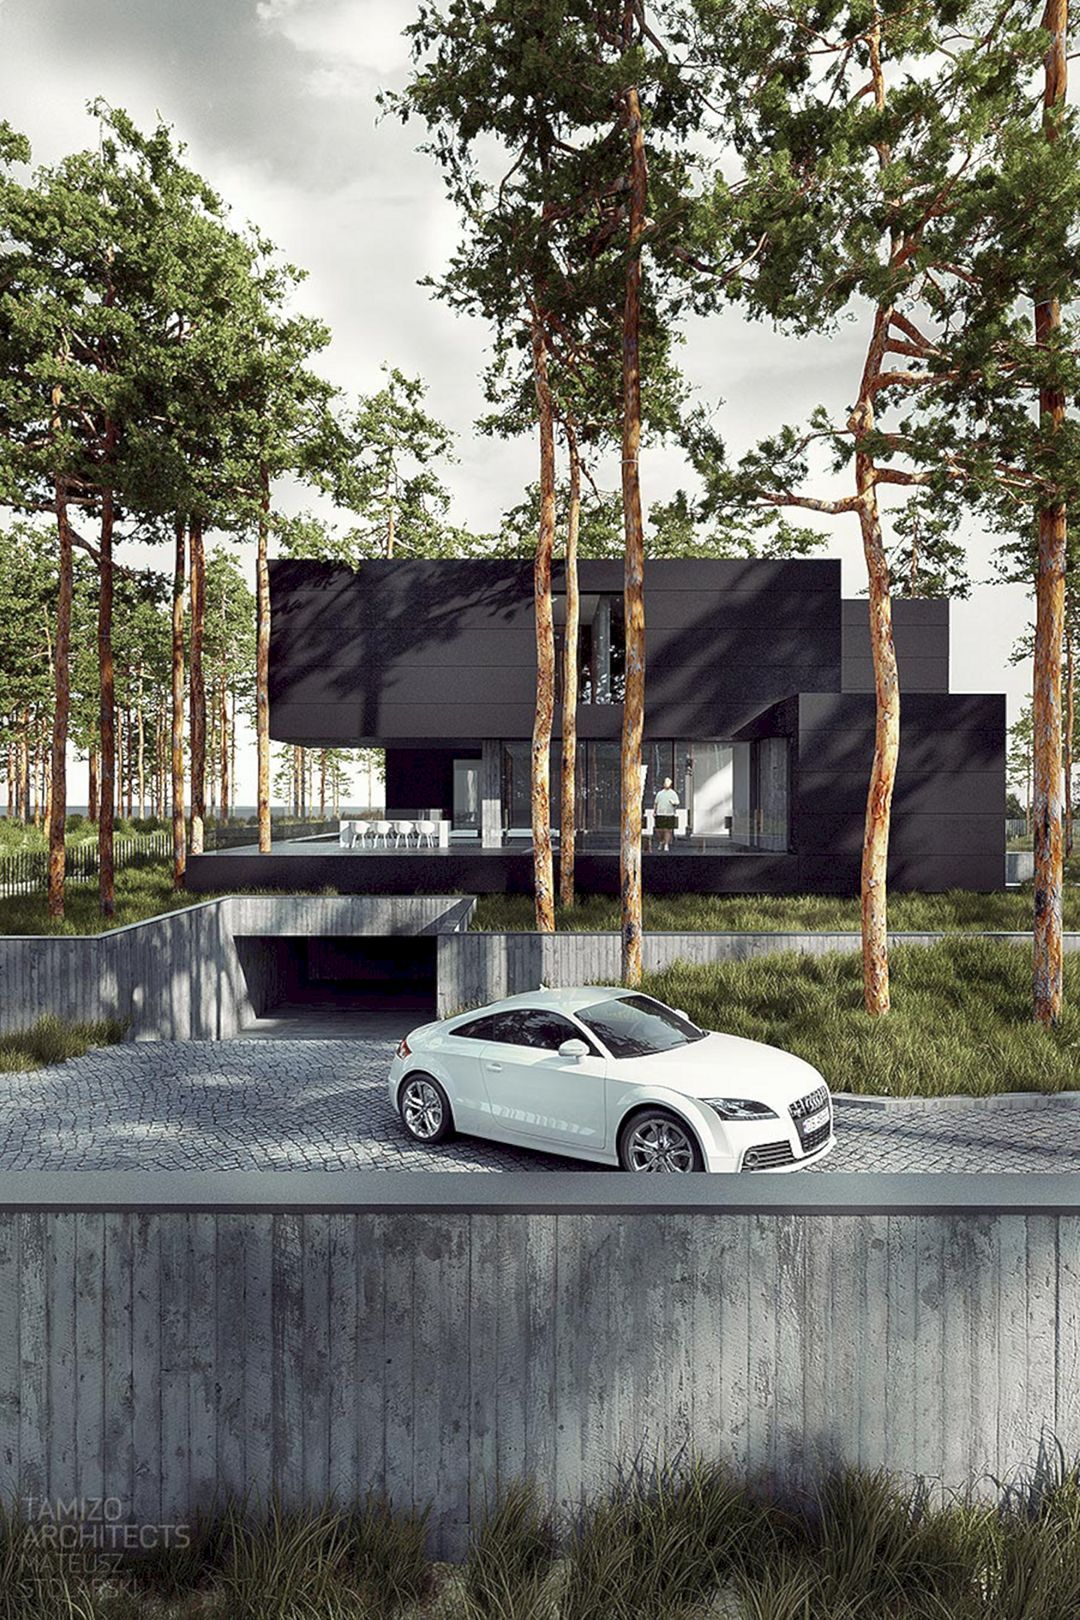 45 Incredible Underground Parking Garage Design Inspired By